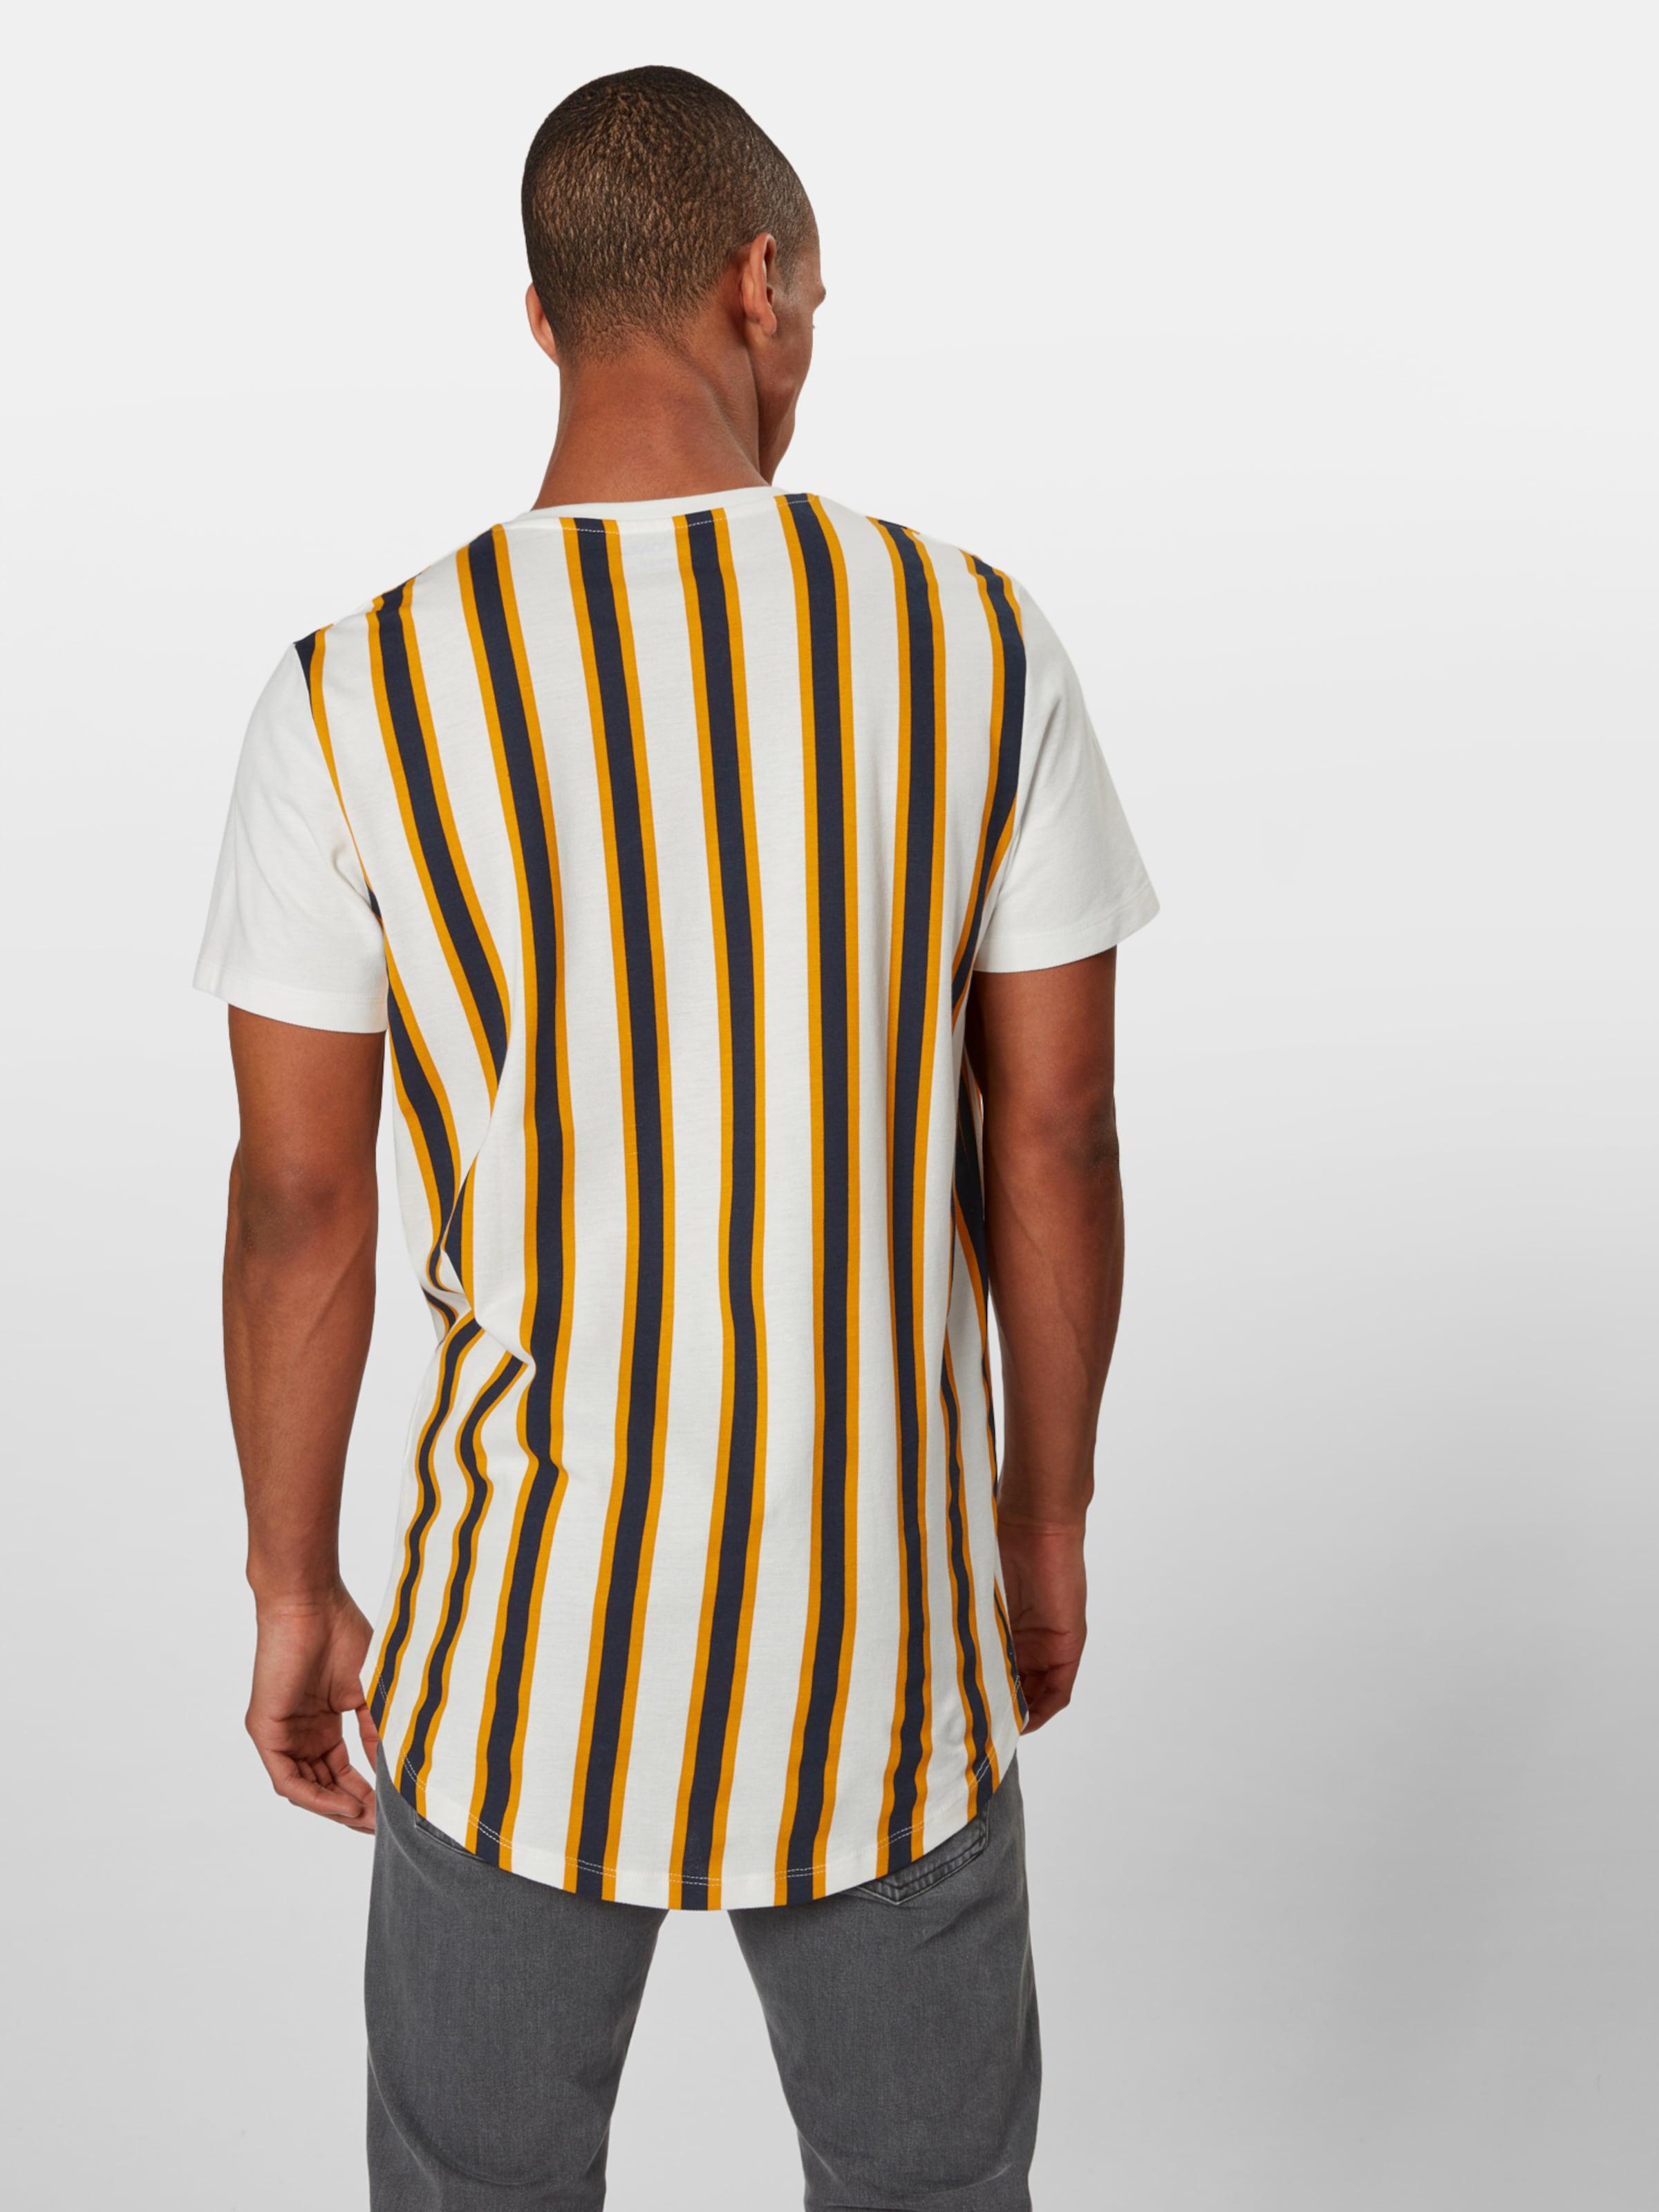 T BleuJaune Jones En Jackamp; shirt Noir OPXikZu